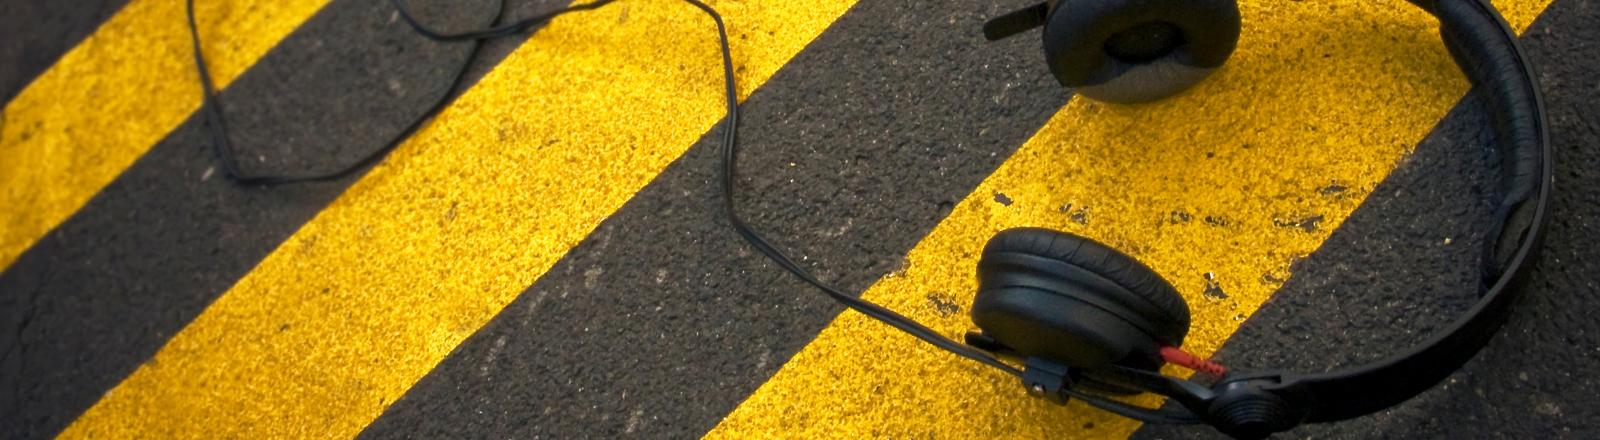 Kopfhörer liegen auf einer Straße mit gelben Zebrastreifen.